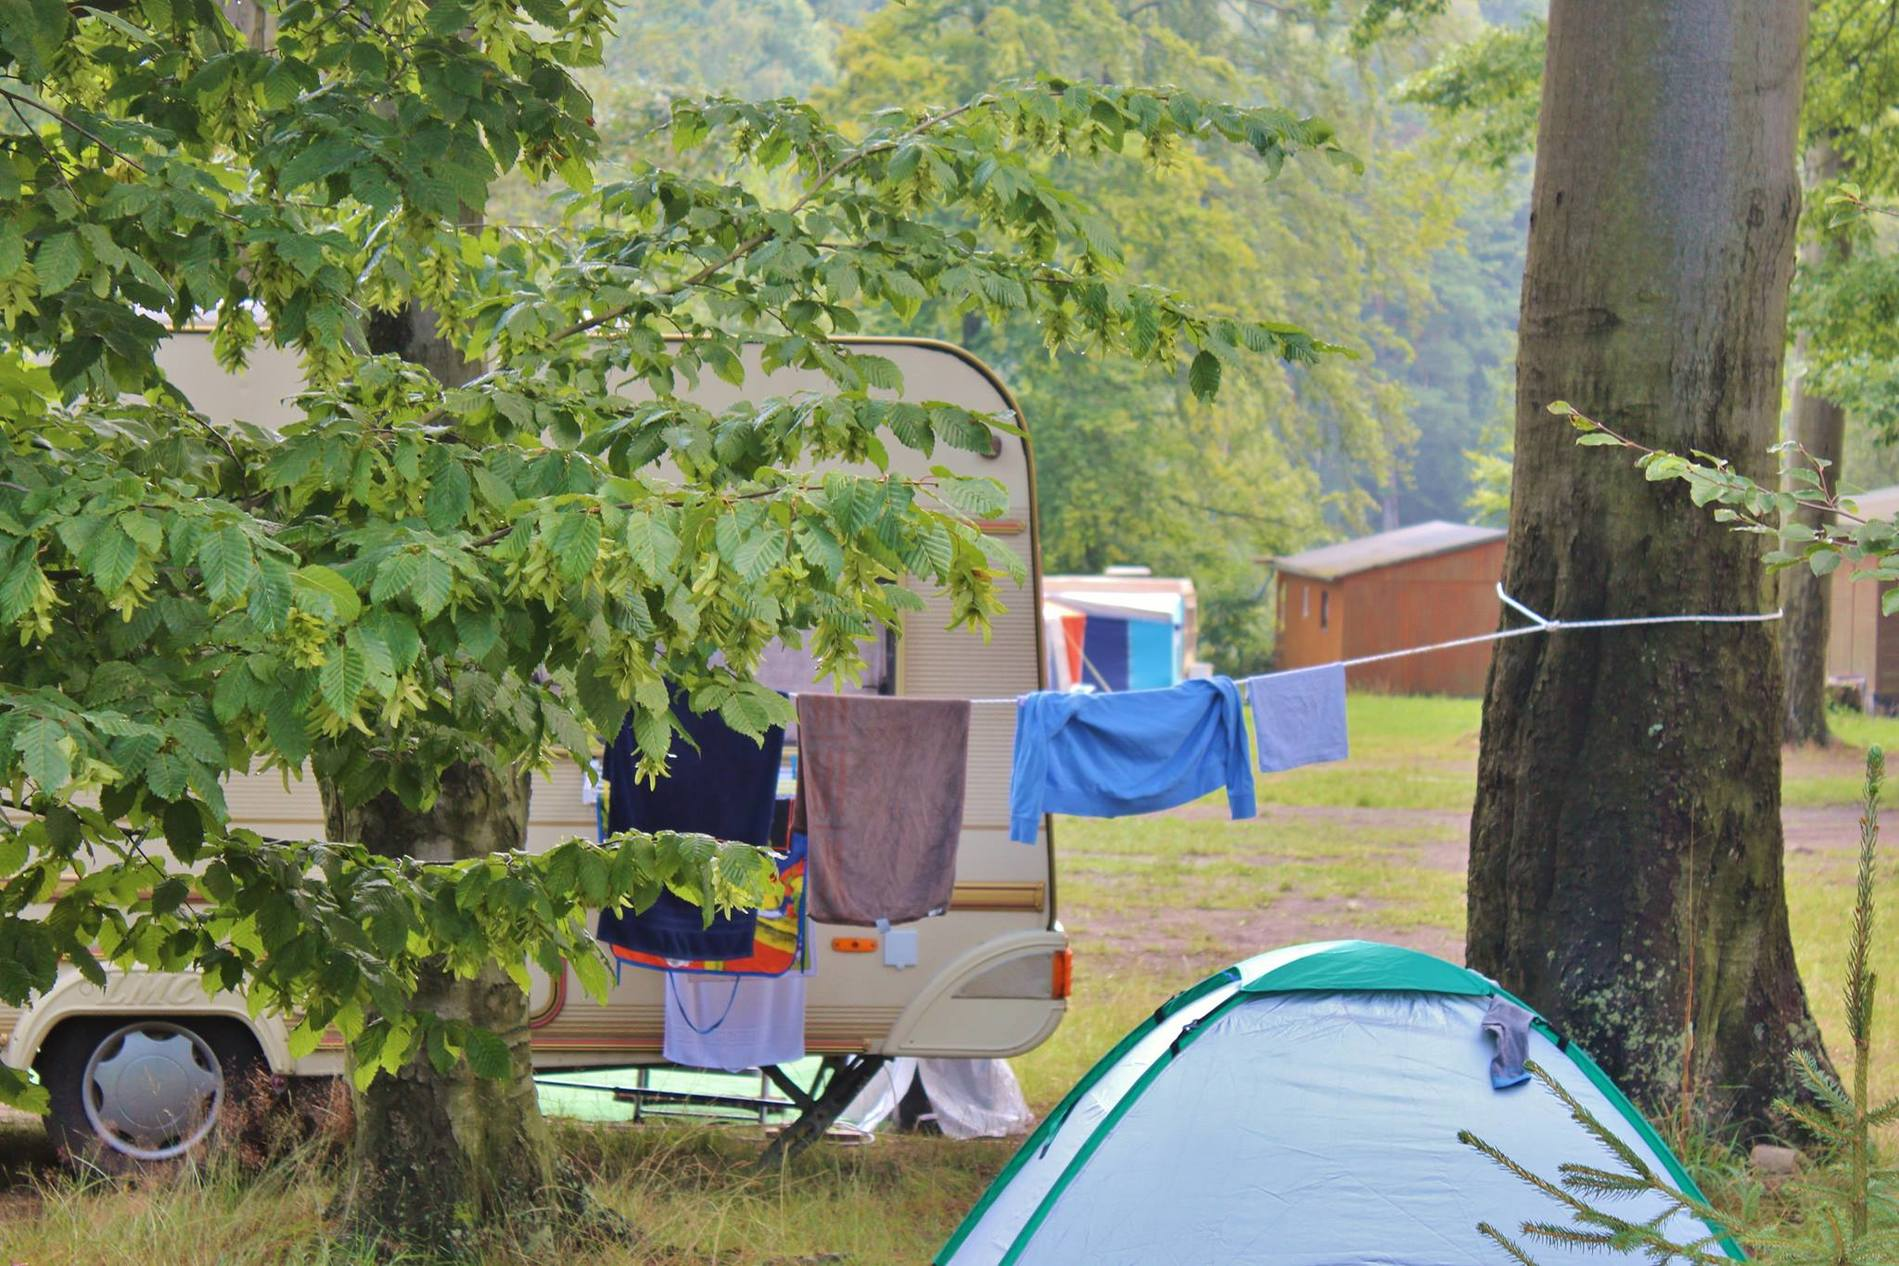 Duitsland-Quedlinburg-HarzCamp%20Bremer%20Teich-ExtraLarge Campings Duitsland